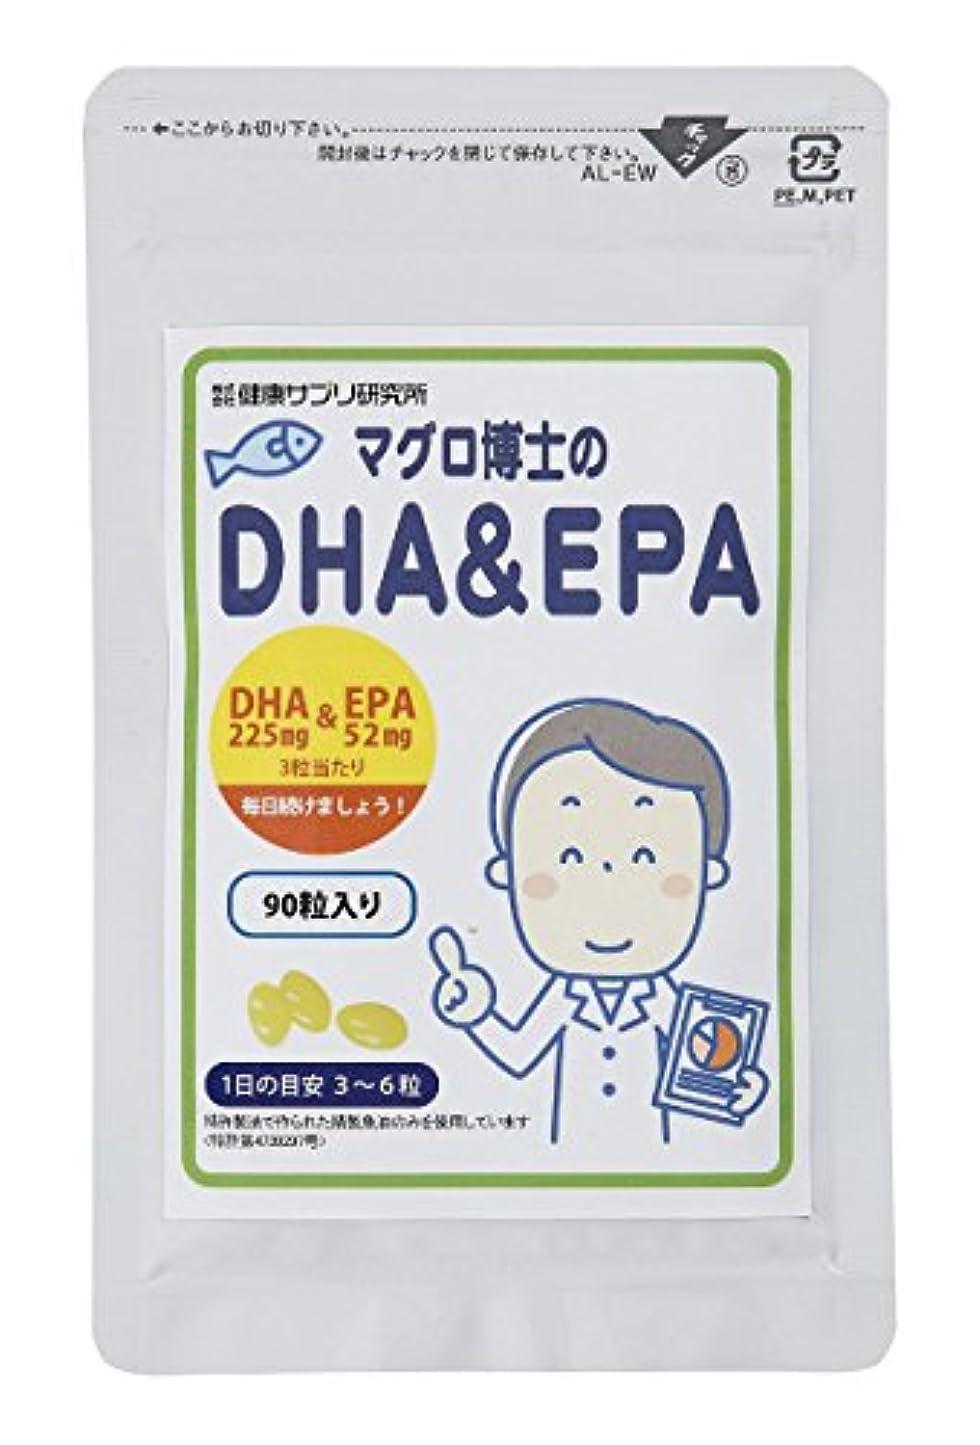 追放する水マーカー健康サプリ研究所 マグロ博士のDHA&EPA 90粒【 DHA EPA】3粒でお刺身約2~2人前のDHA?EPAを摂取